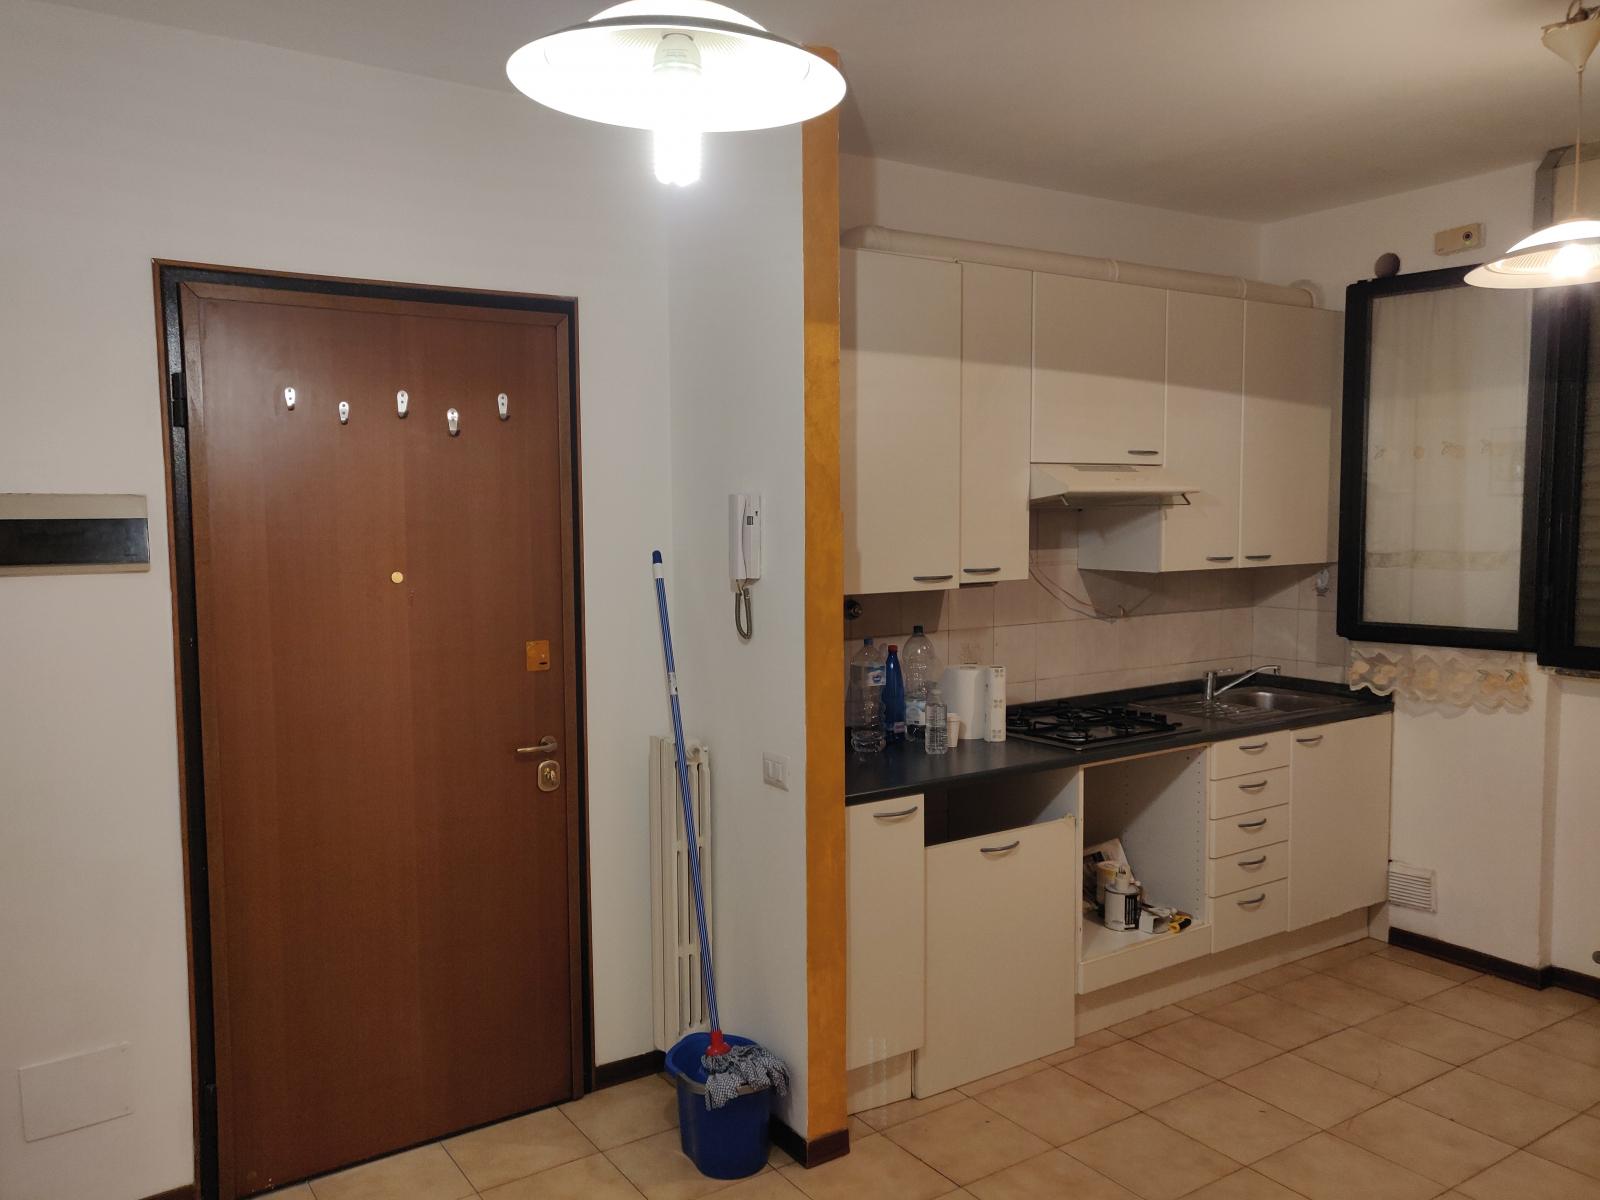 appartamento-in-vendita-bilocale-2-locali-milano-baggio-cividale-del-friuli-spaziourbano-immobiliare-vende-10